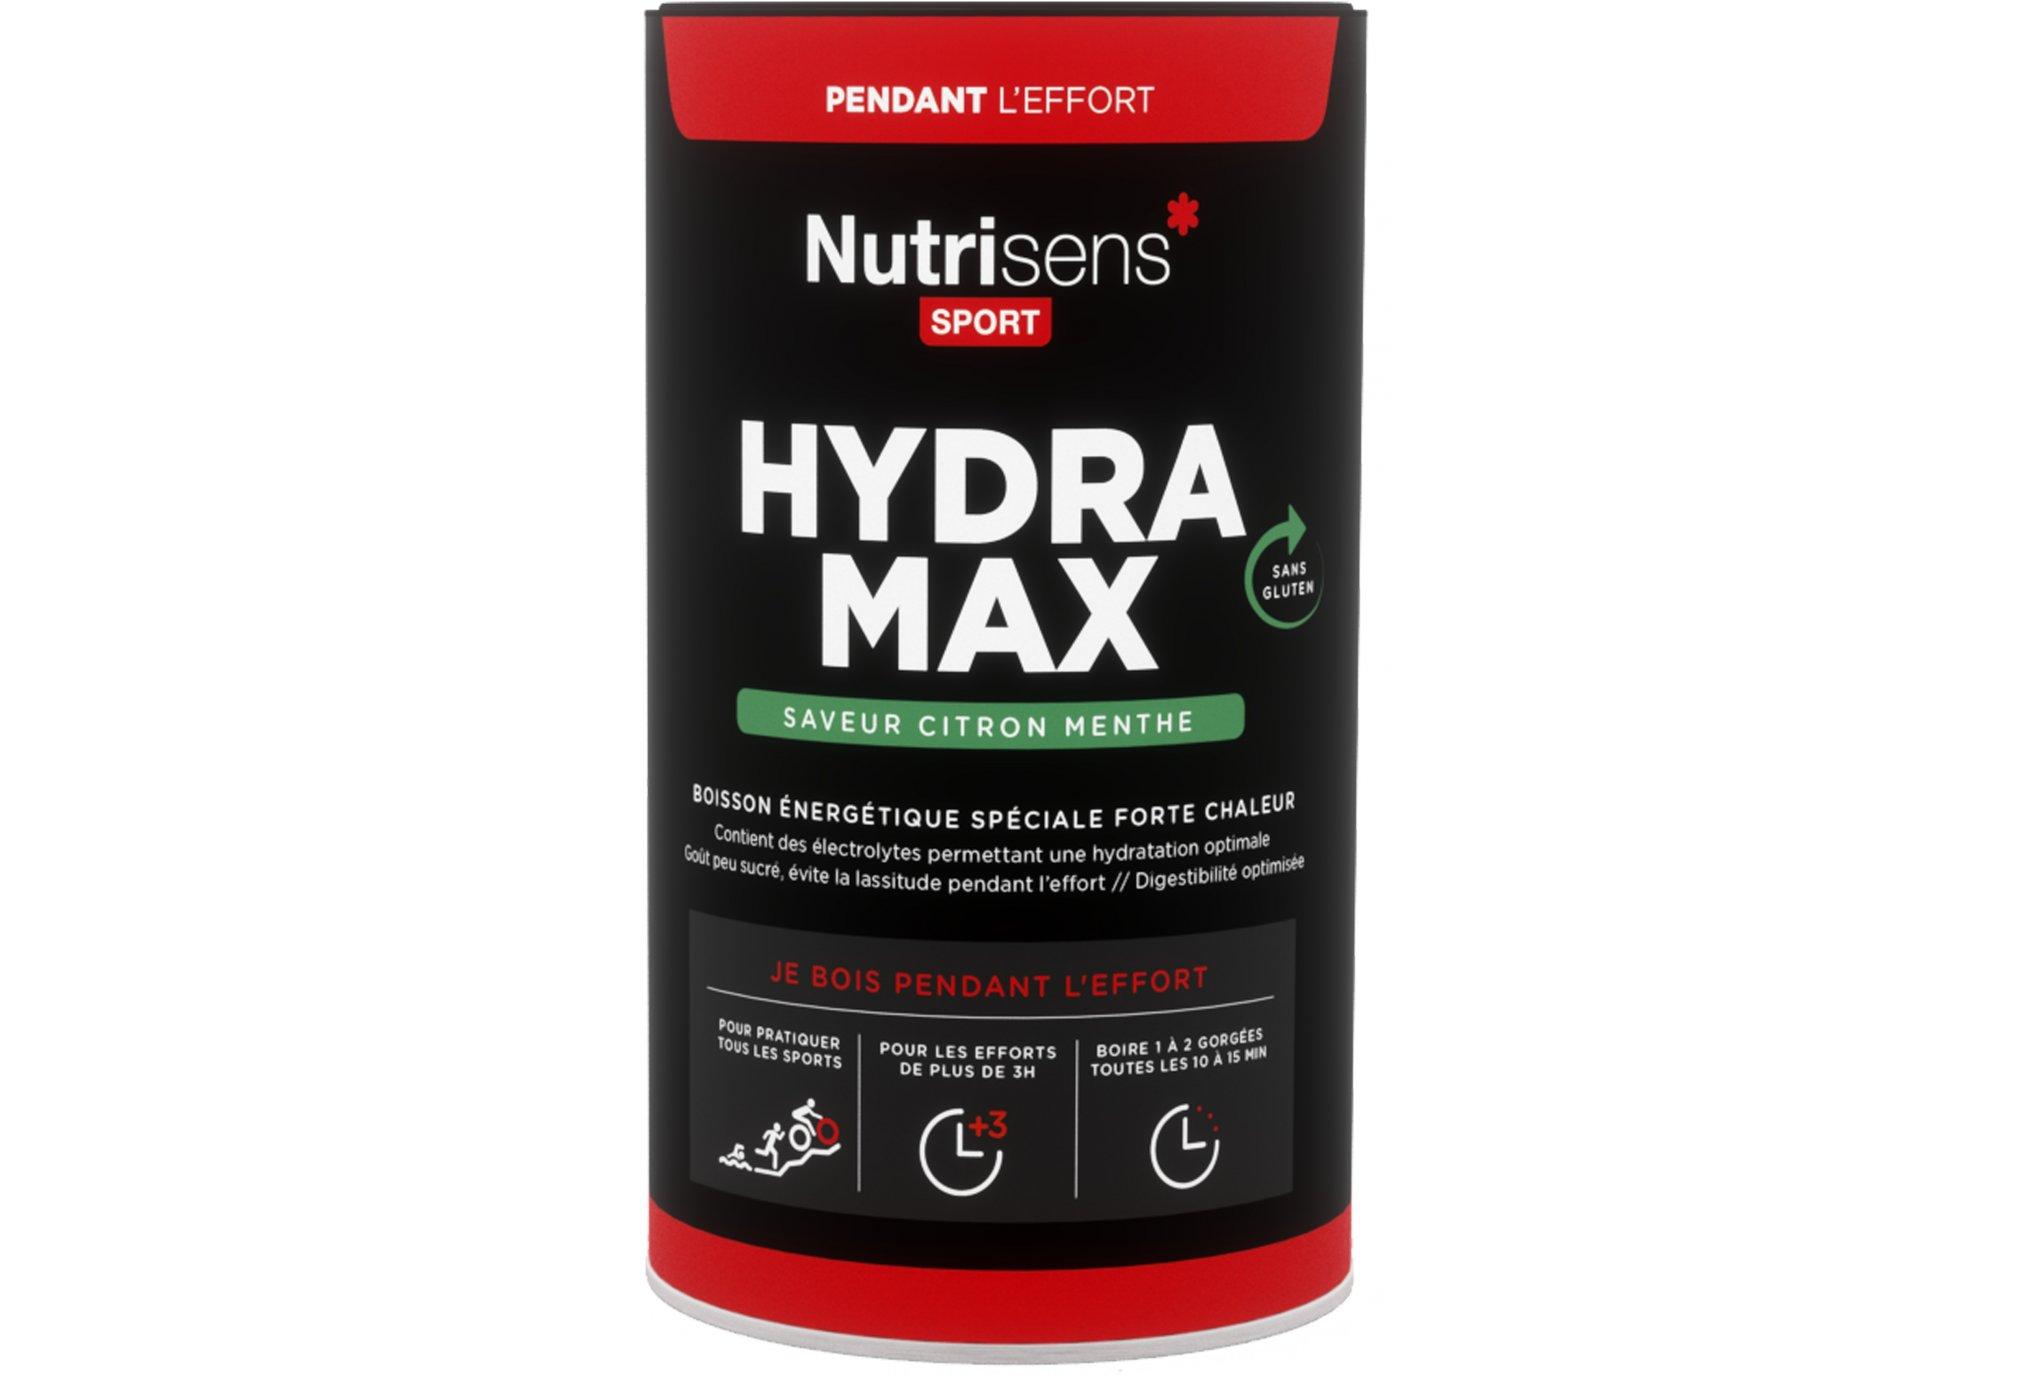 Nutrisens Sport Hydramax - Menta/limón Diététique Boissons